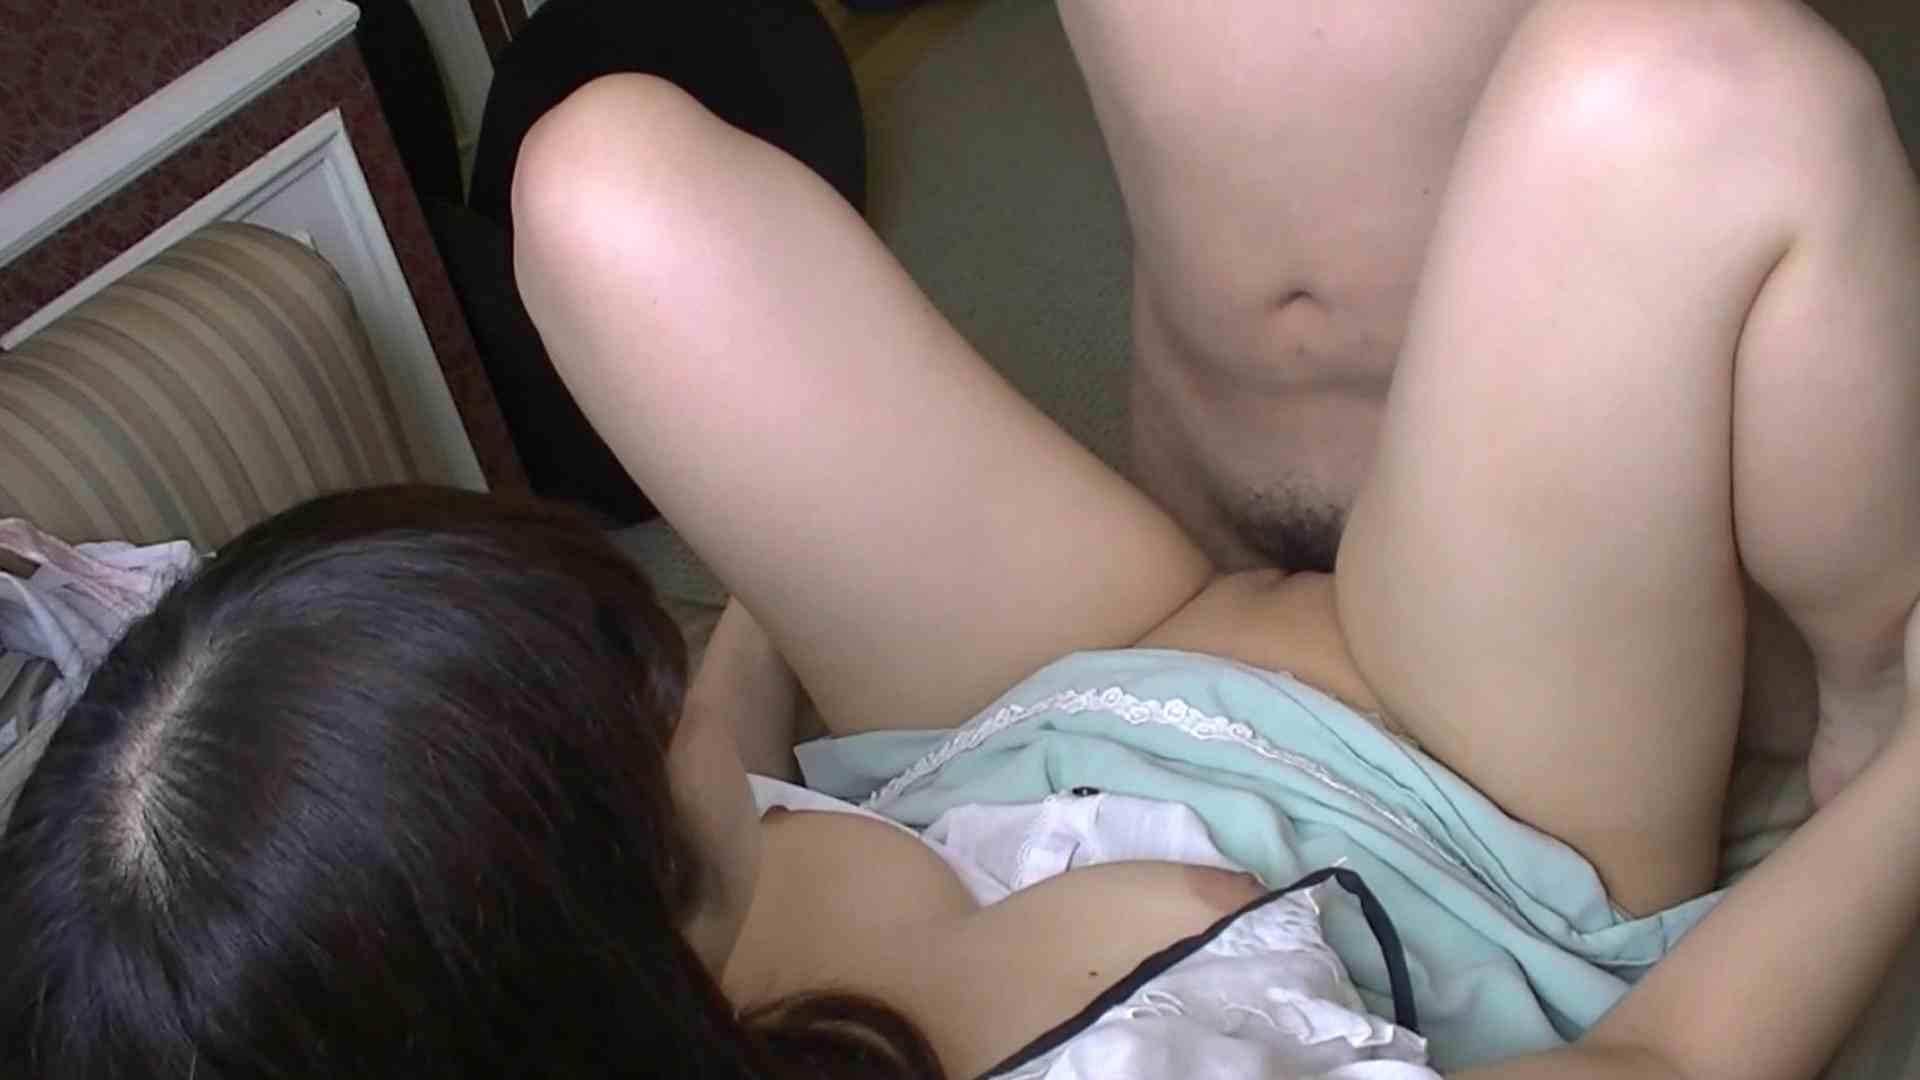 まだイッた経験のない乙女たち Vol.22 乙女   OLのエロ生活  65連発 25